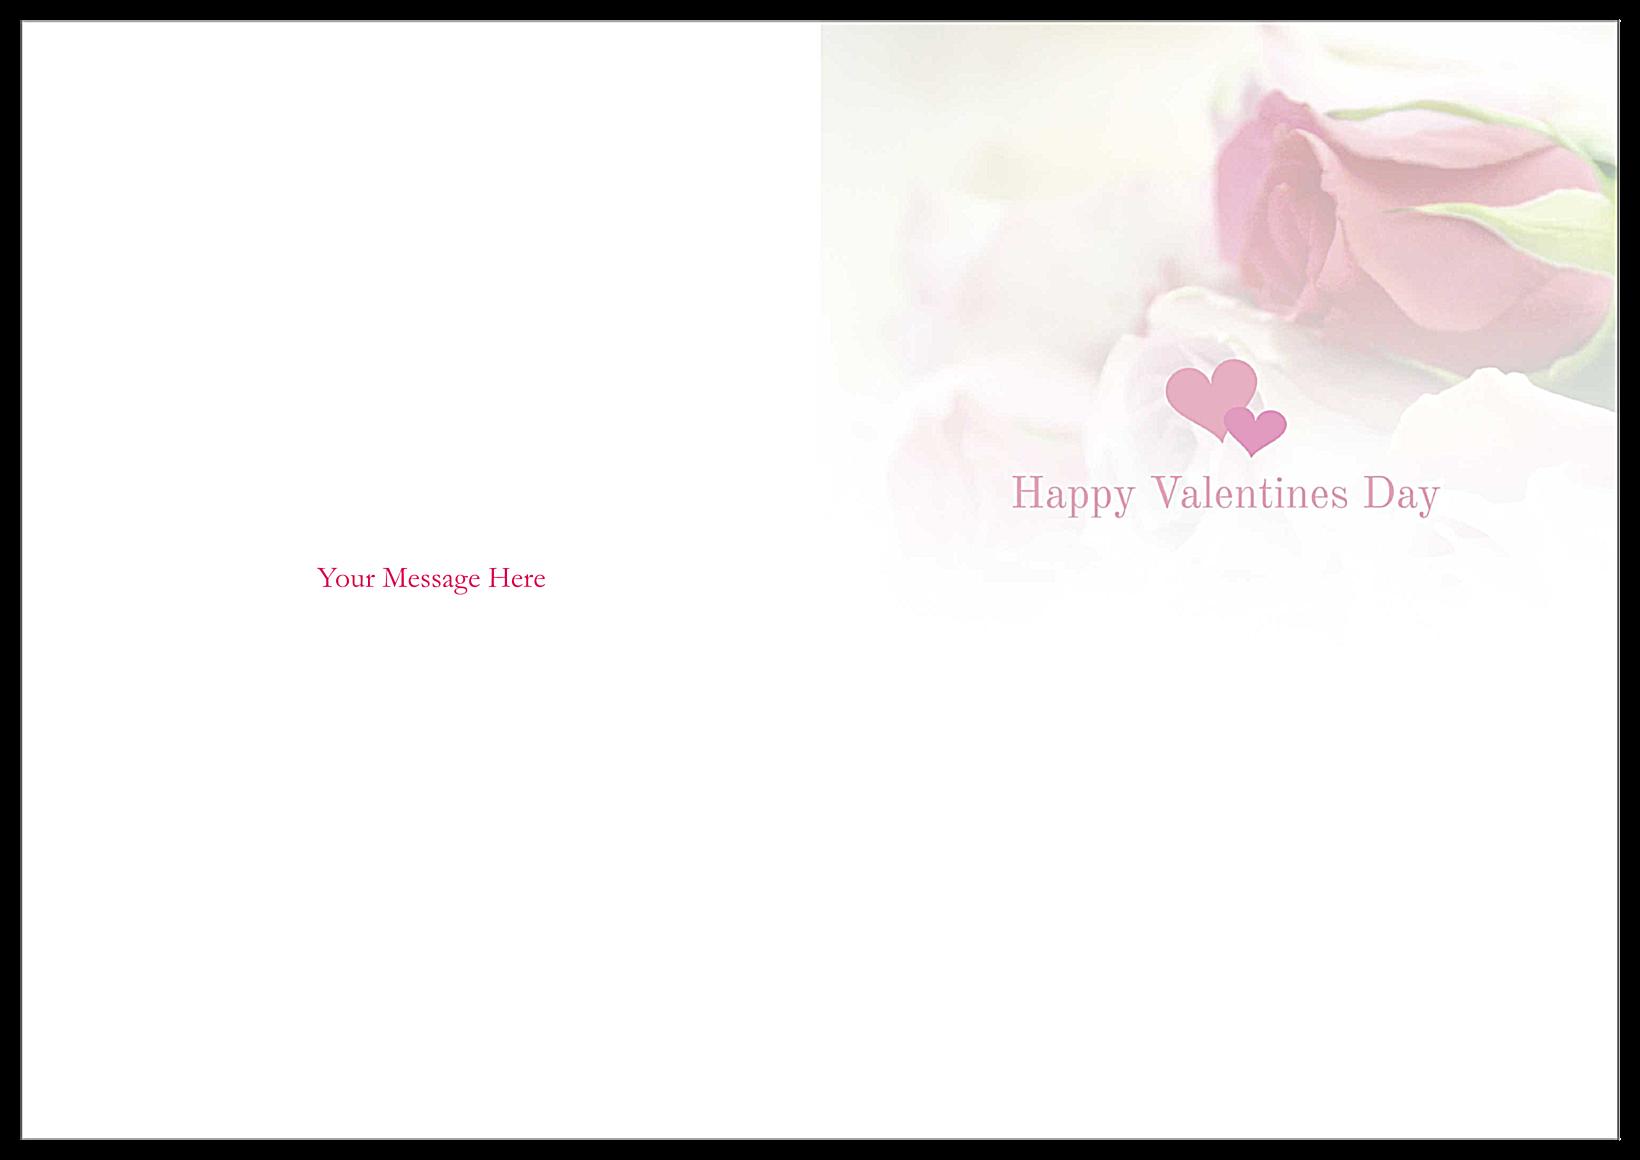 Valentine Roses back - Greeting Cards Maker